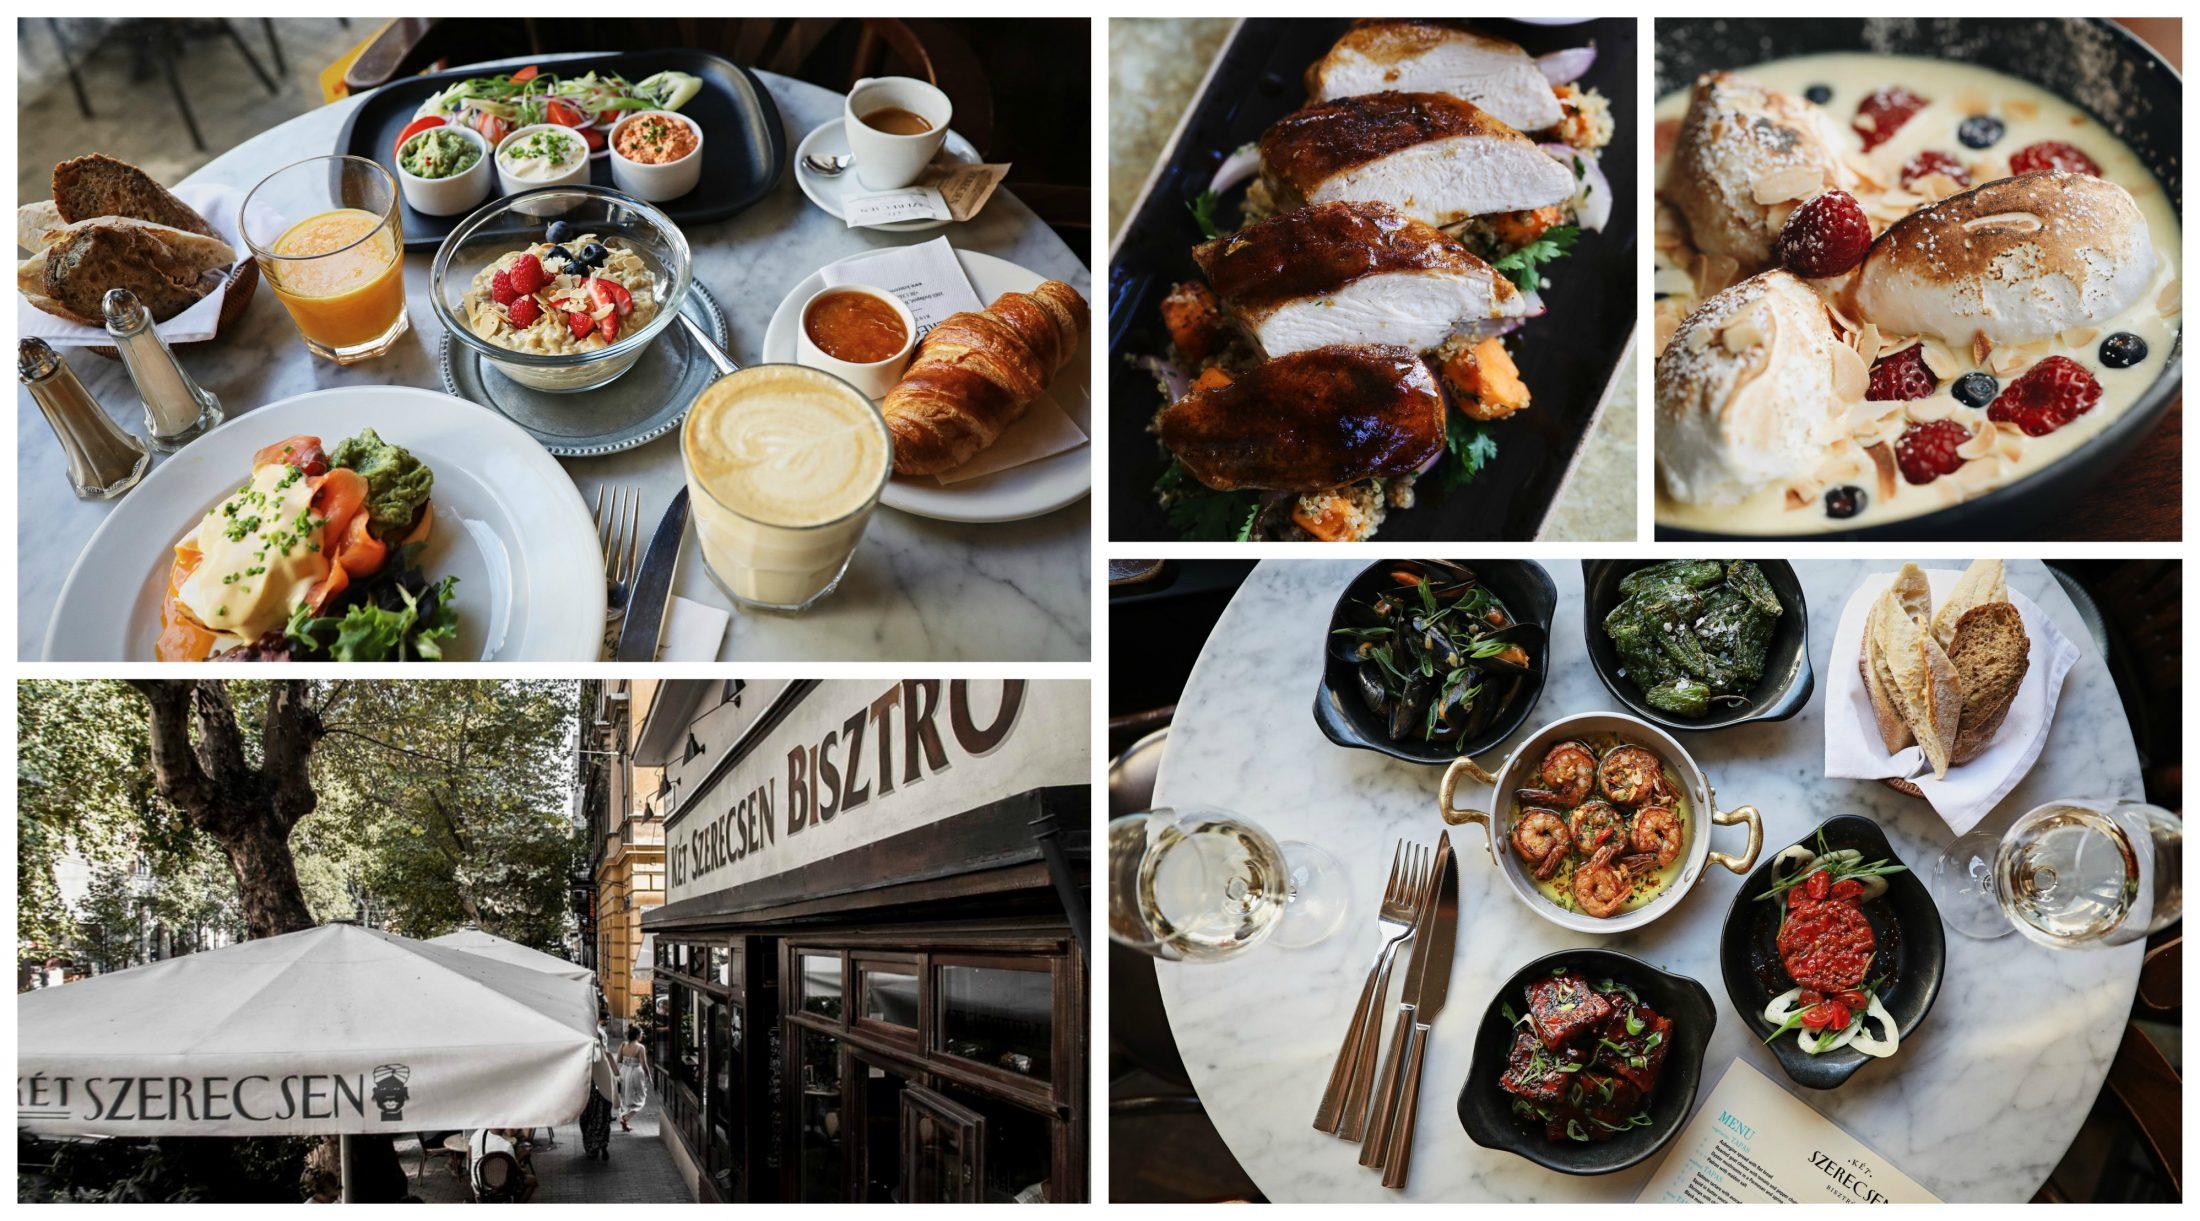 Múlhatatlan francia sikk: Két Szerecsen Bisztró - Dining Guide